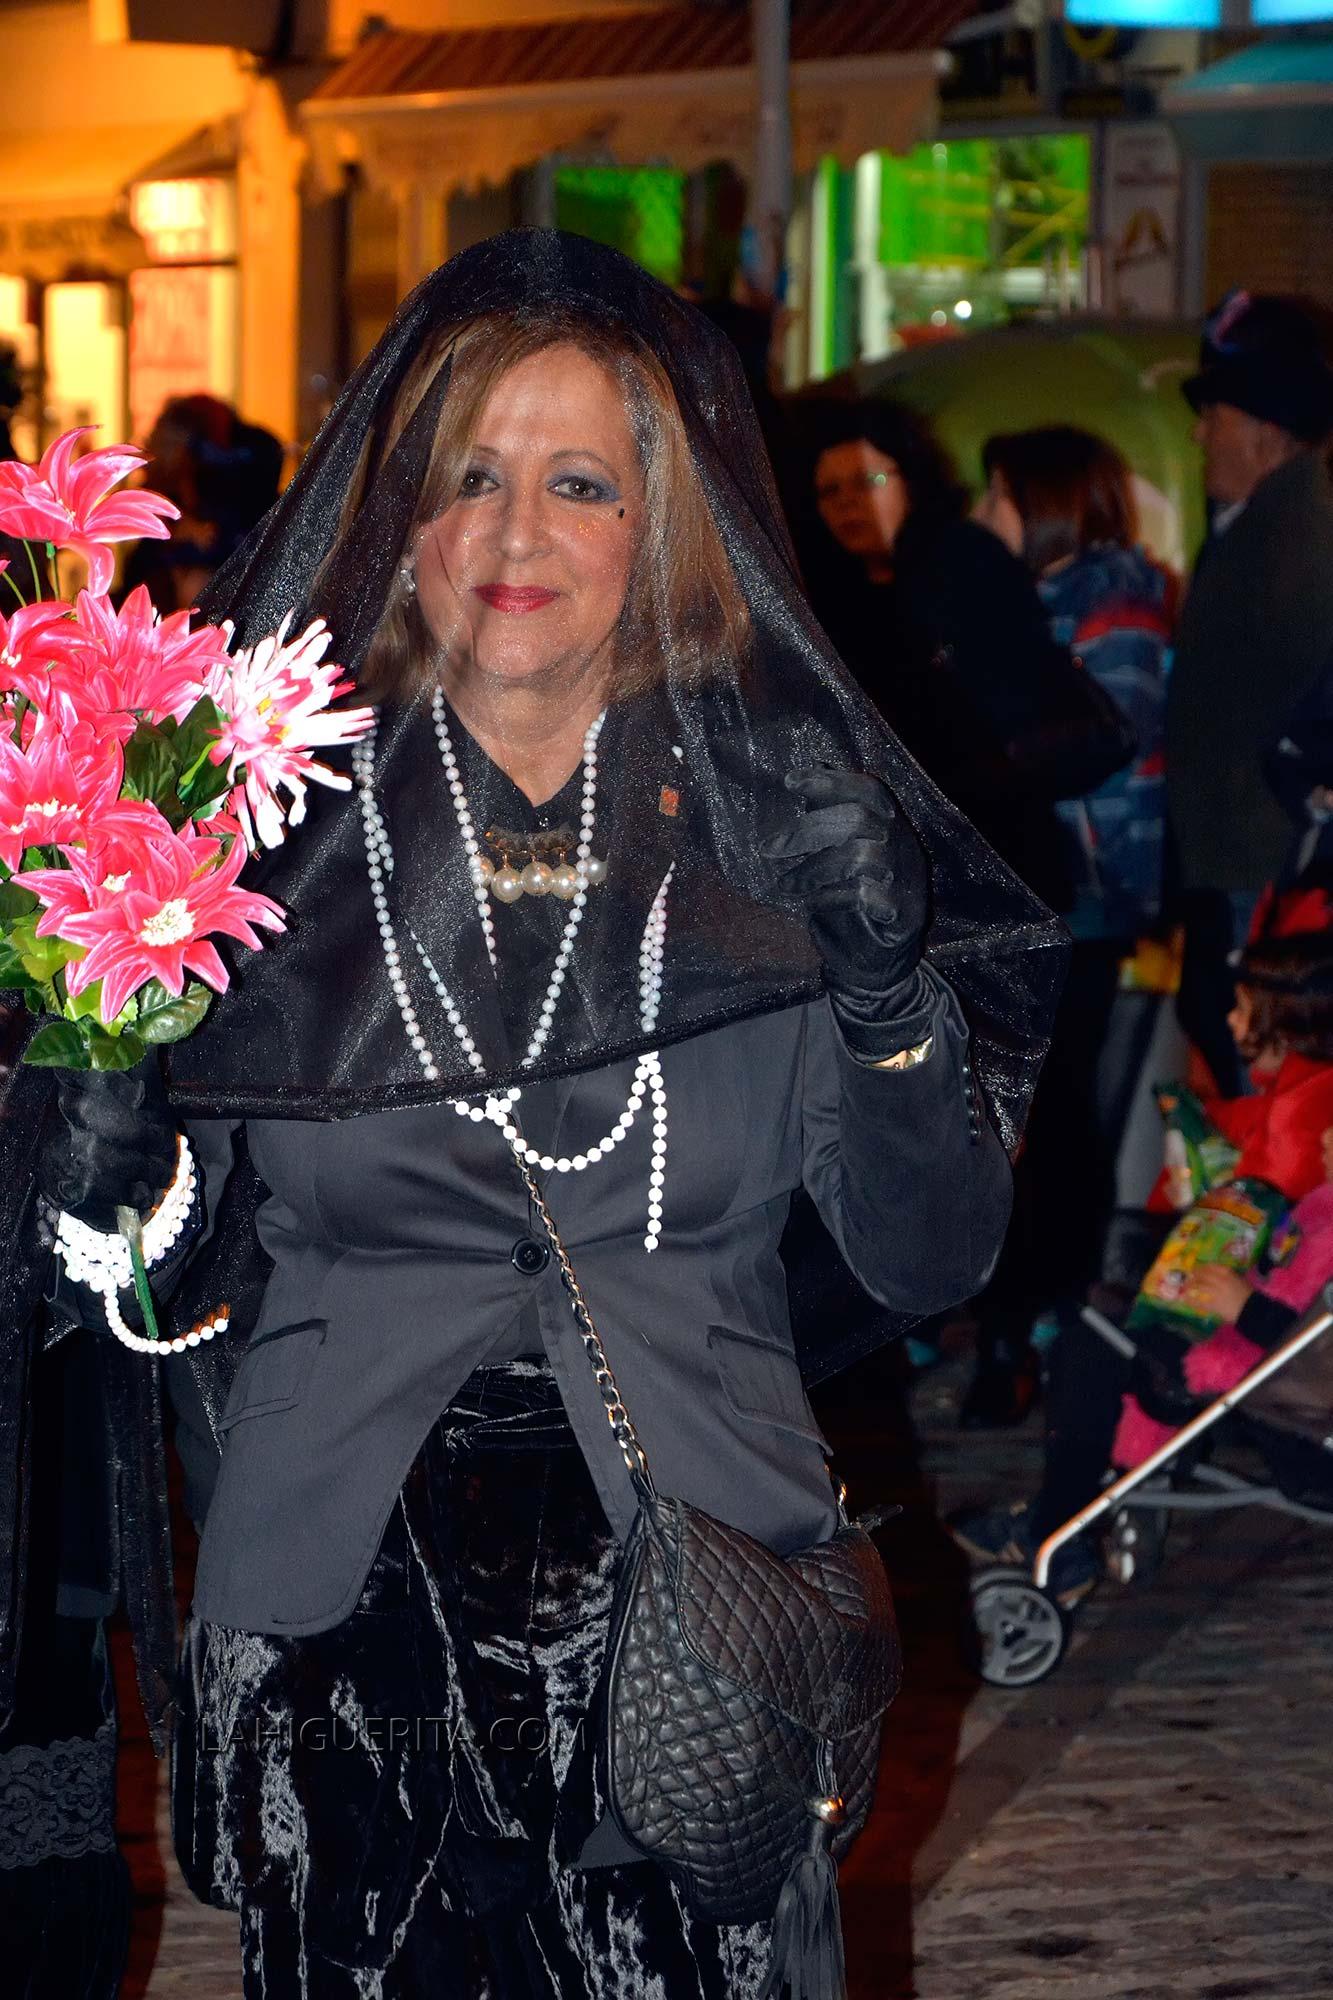 Entierro de la sardina carnaval isla cristina _DSC1983